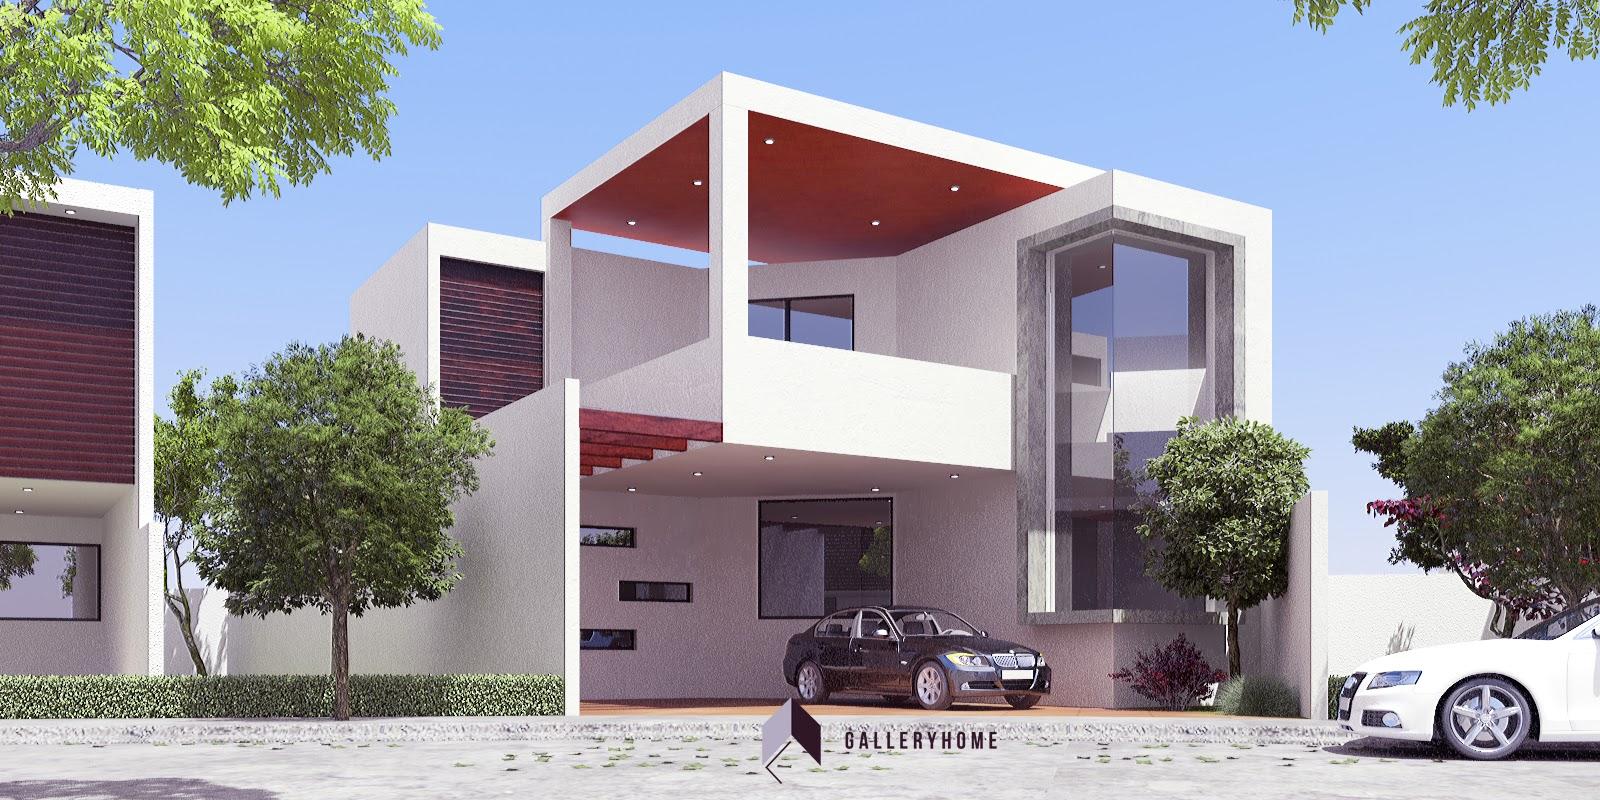 Gallery home venta de casa de tres recamaras en esquina con terreno excedente simplemente - Casa con terreno ...